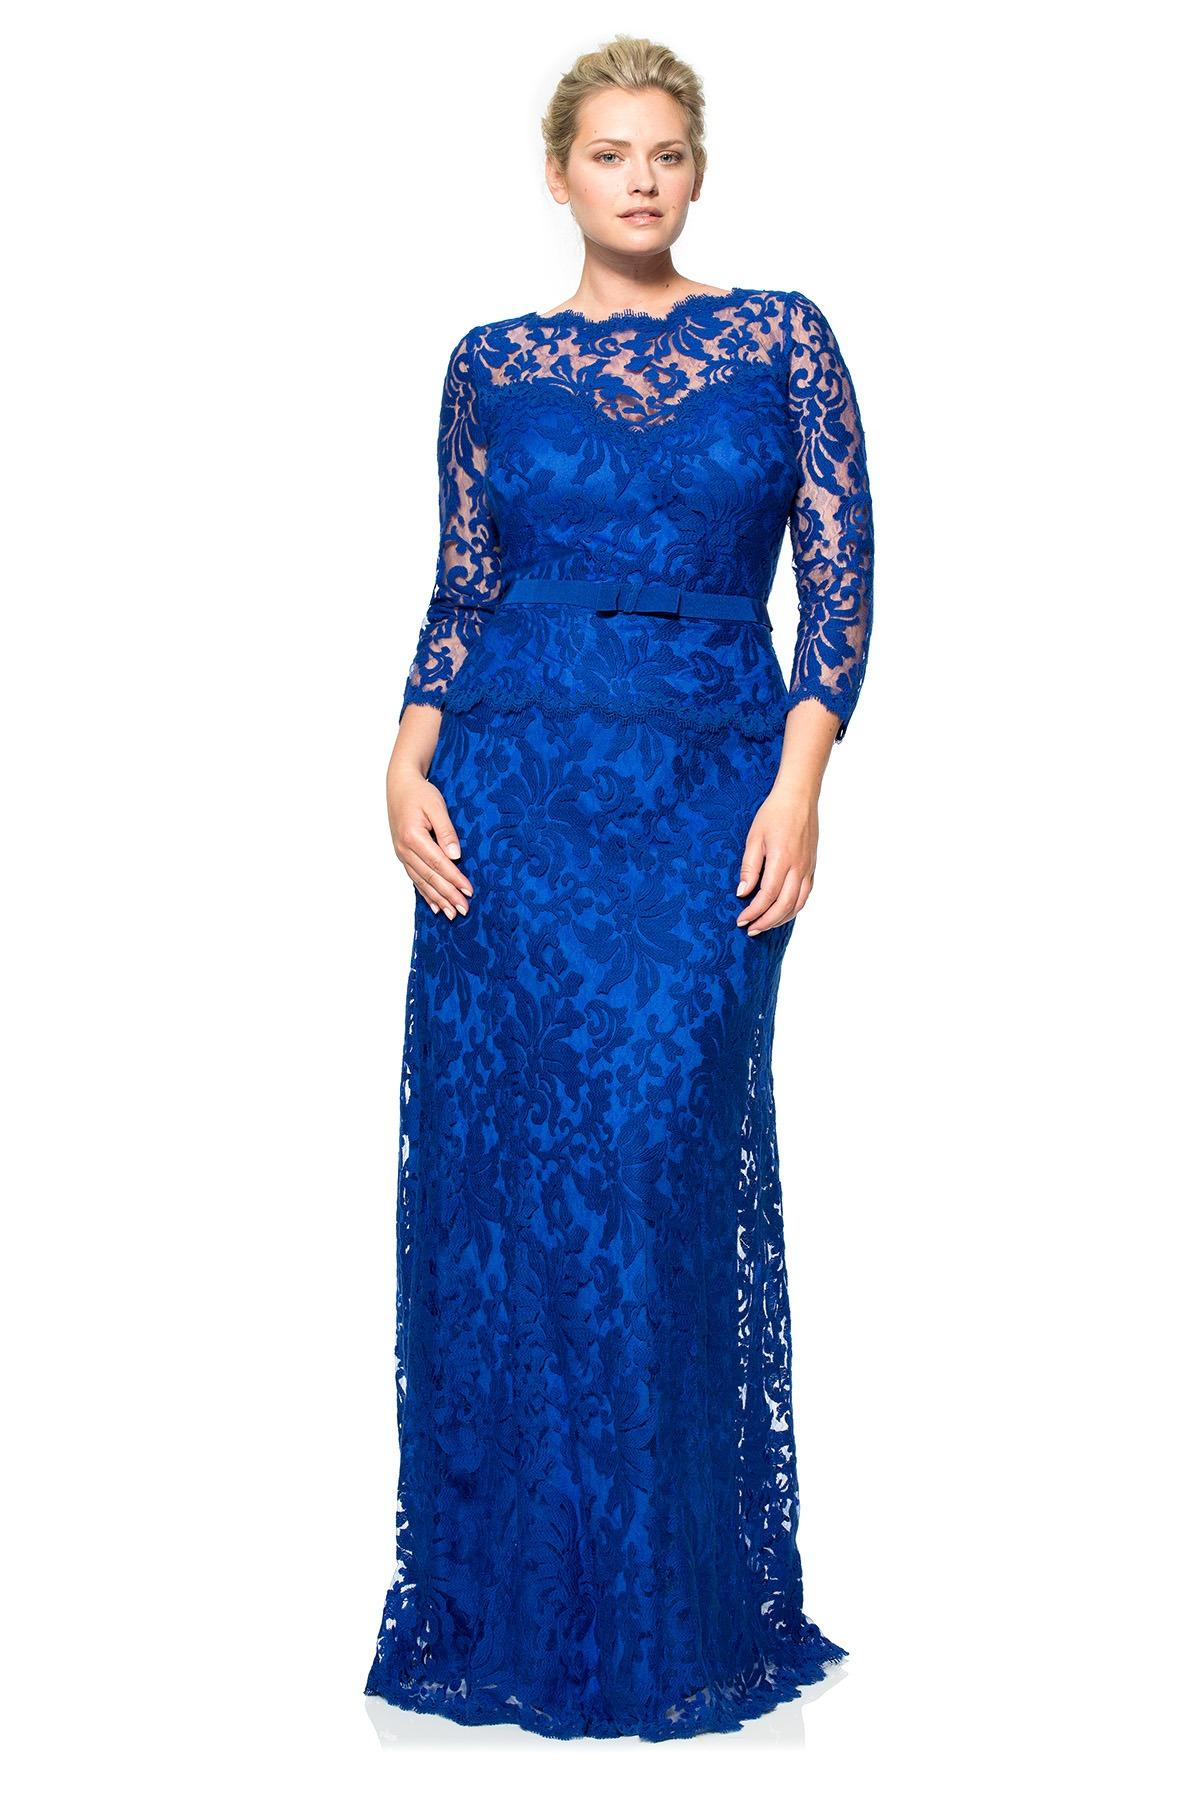 49ab60bc401 Вечерние платья для полных  100+ фото красивых моделей и фасонов